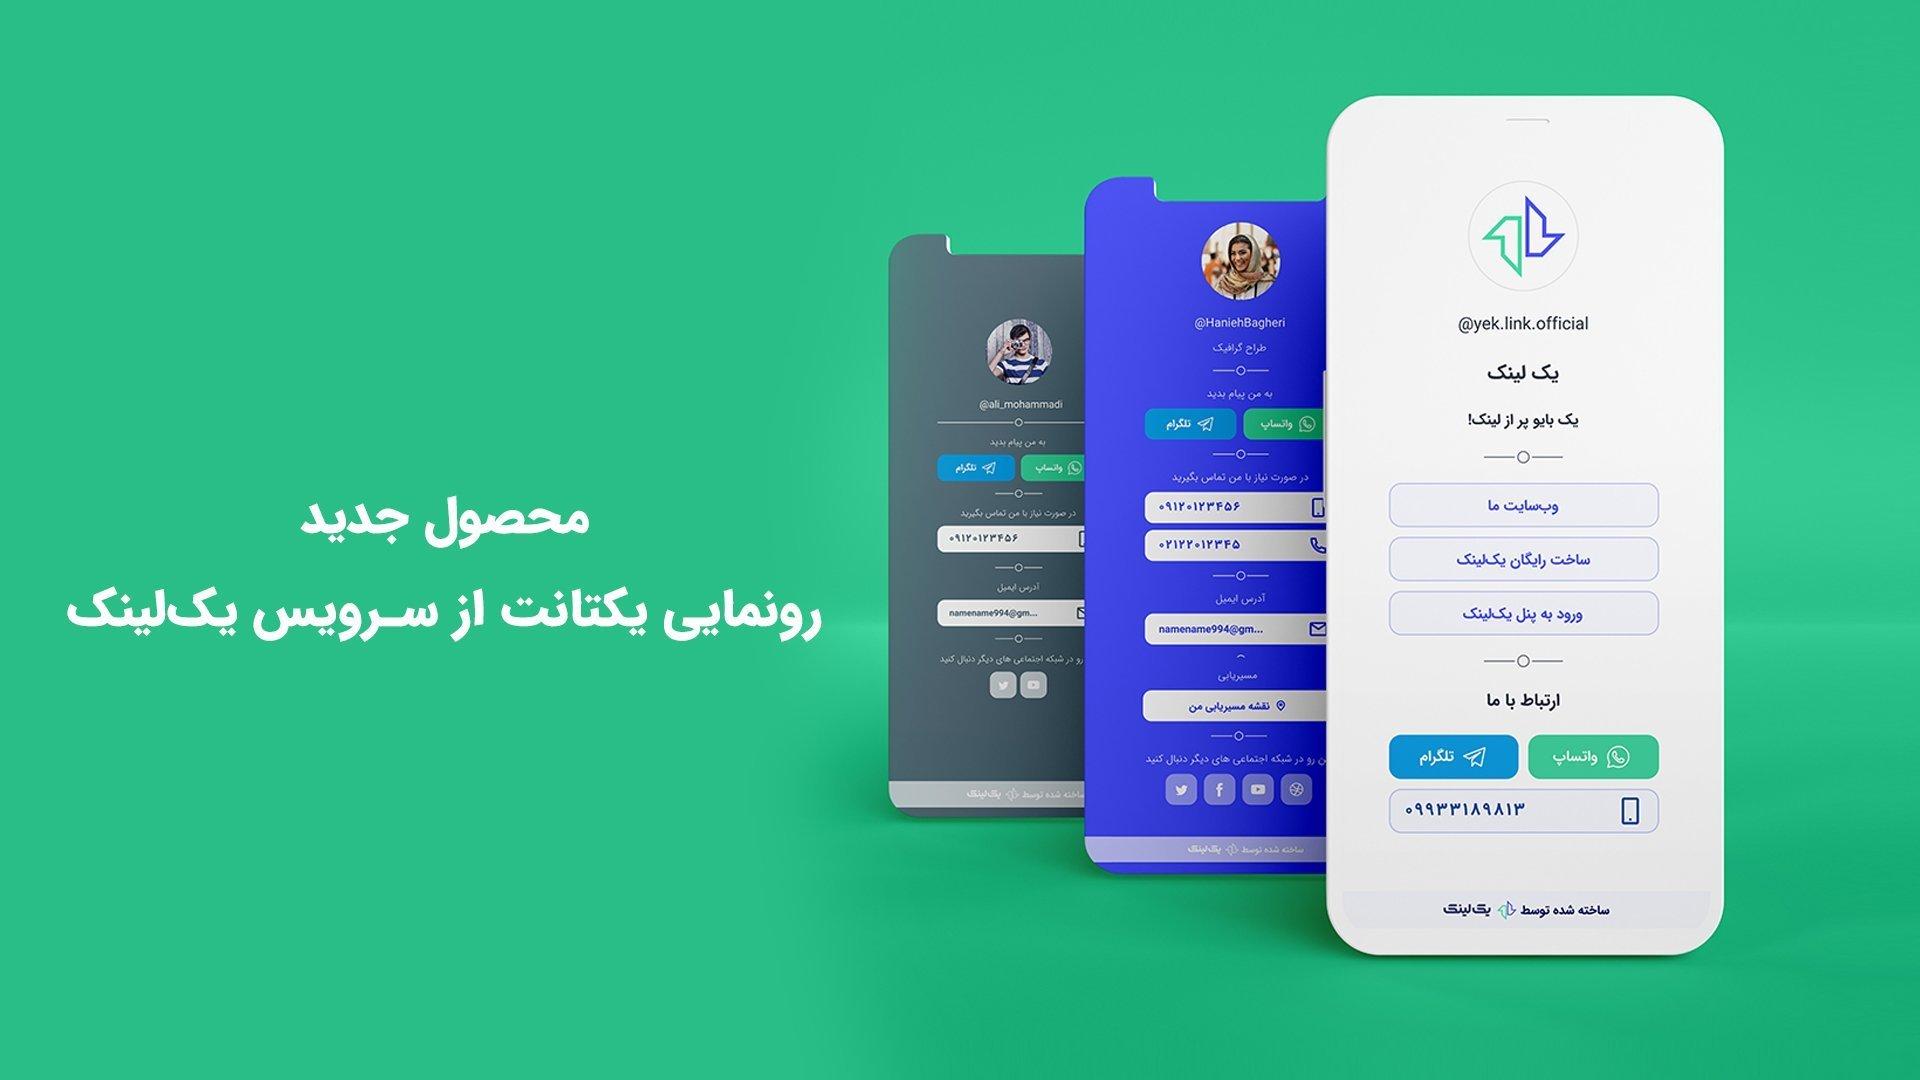 «یک لینک» استارتاپهای ایرانی را به اینستاگرام بیشتر نزدیک میکند